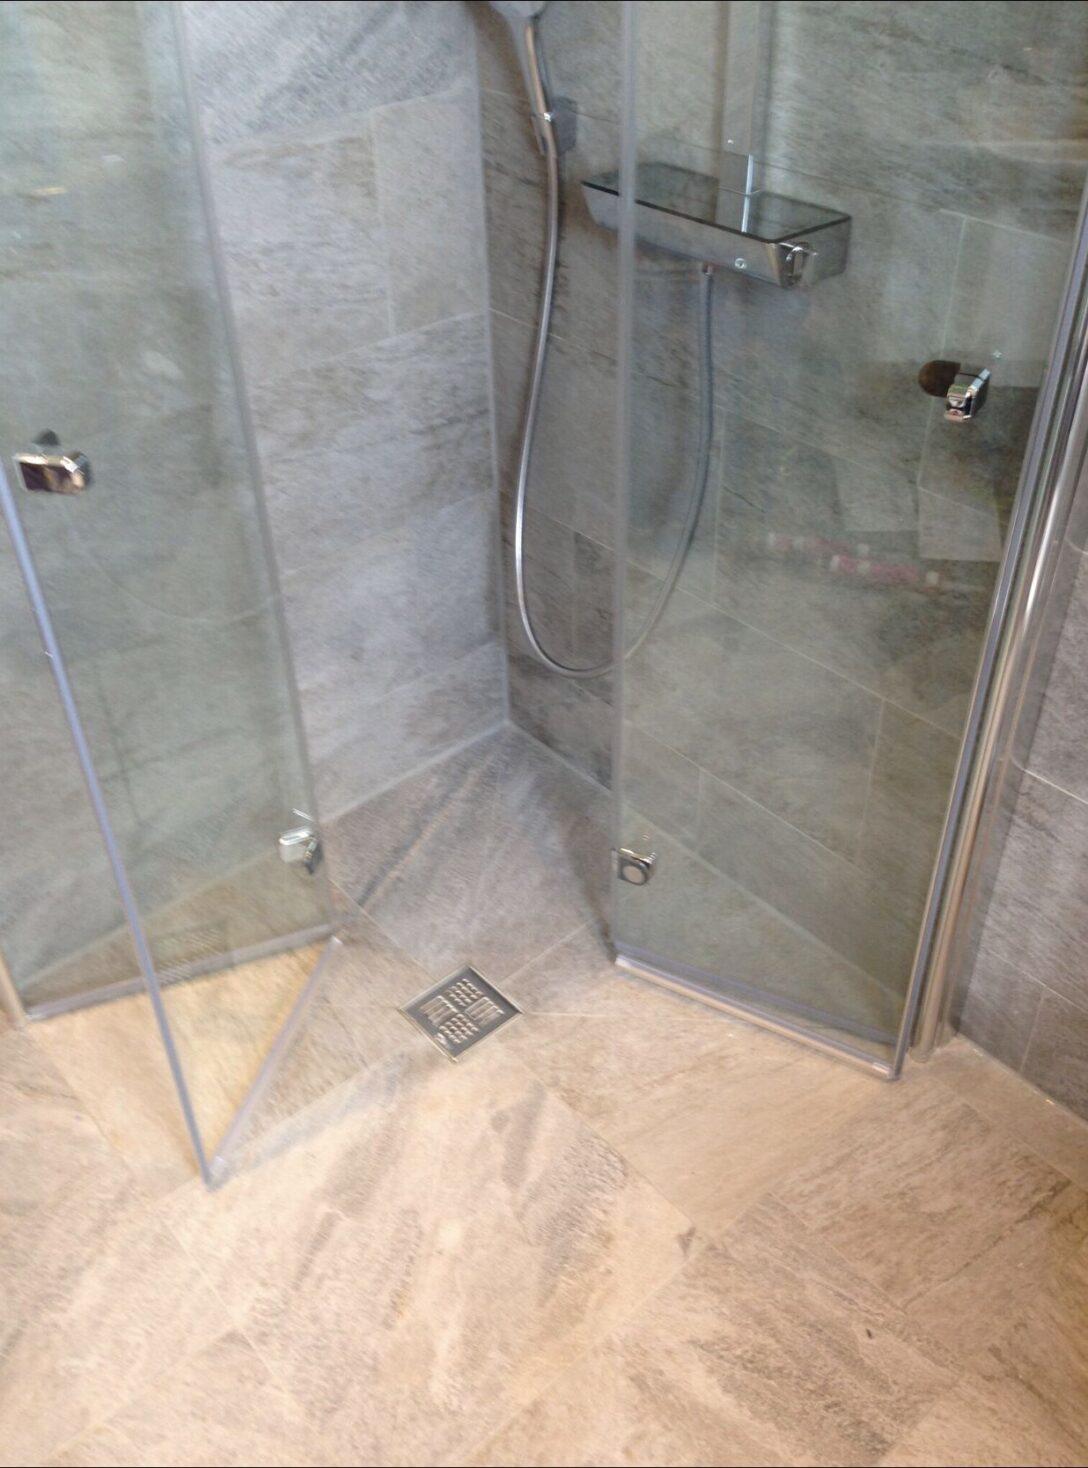 Large Size of Dusche Bodengleich Badewanne Mit Nischentür Behindertengerechte Bodengleiche Nachträglich Einbauen Bluetooth Lautsprecher Grohe Thermostat Tür Und Duschen Dusche Dusche Bodengleich